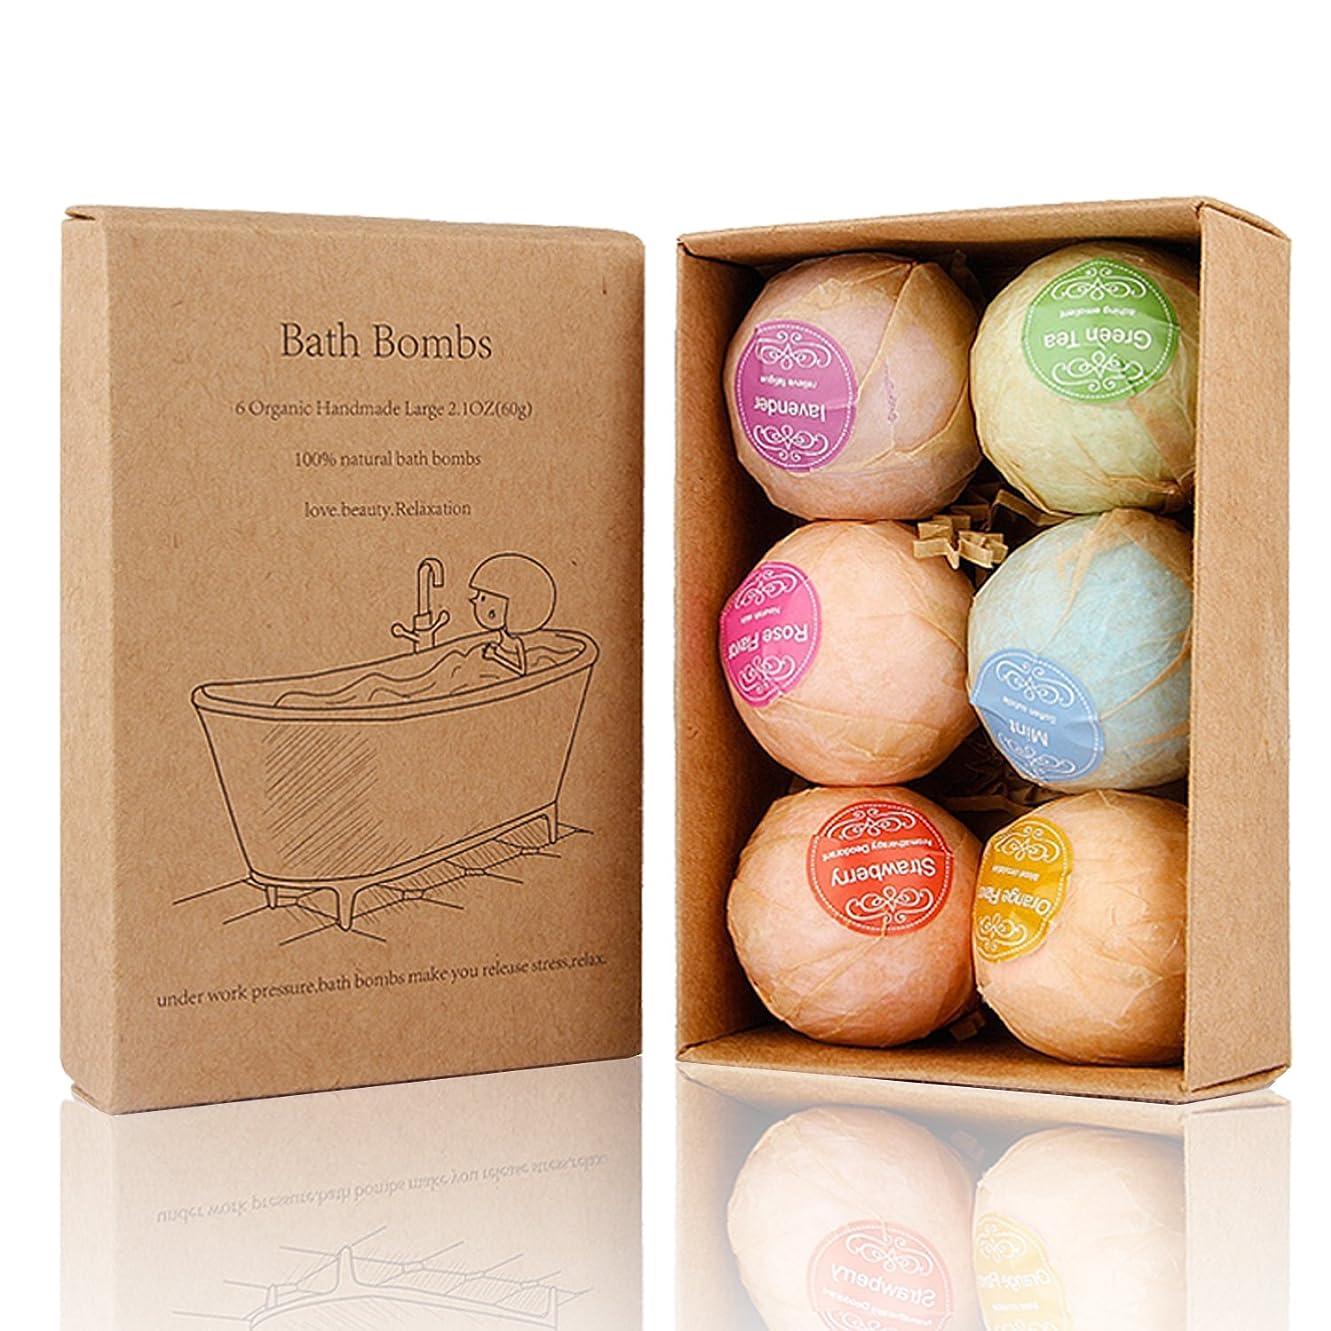 滑り台サラダ陸軍Bath Bomb, 温泡 入浴剤 ギフトセット6個入り, Perfect for Bubble & Spa Bath Ultra Lush Bath Fizzies